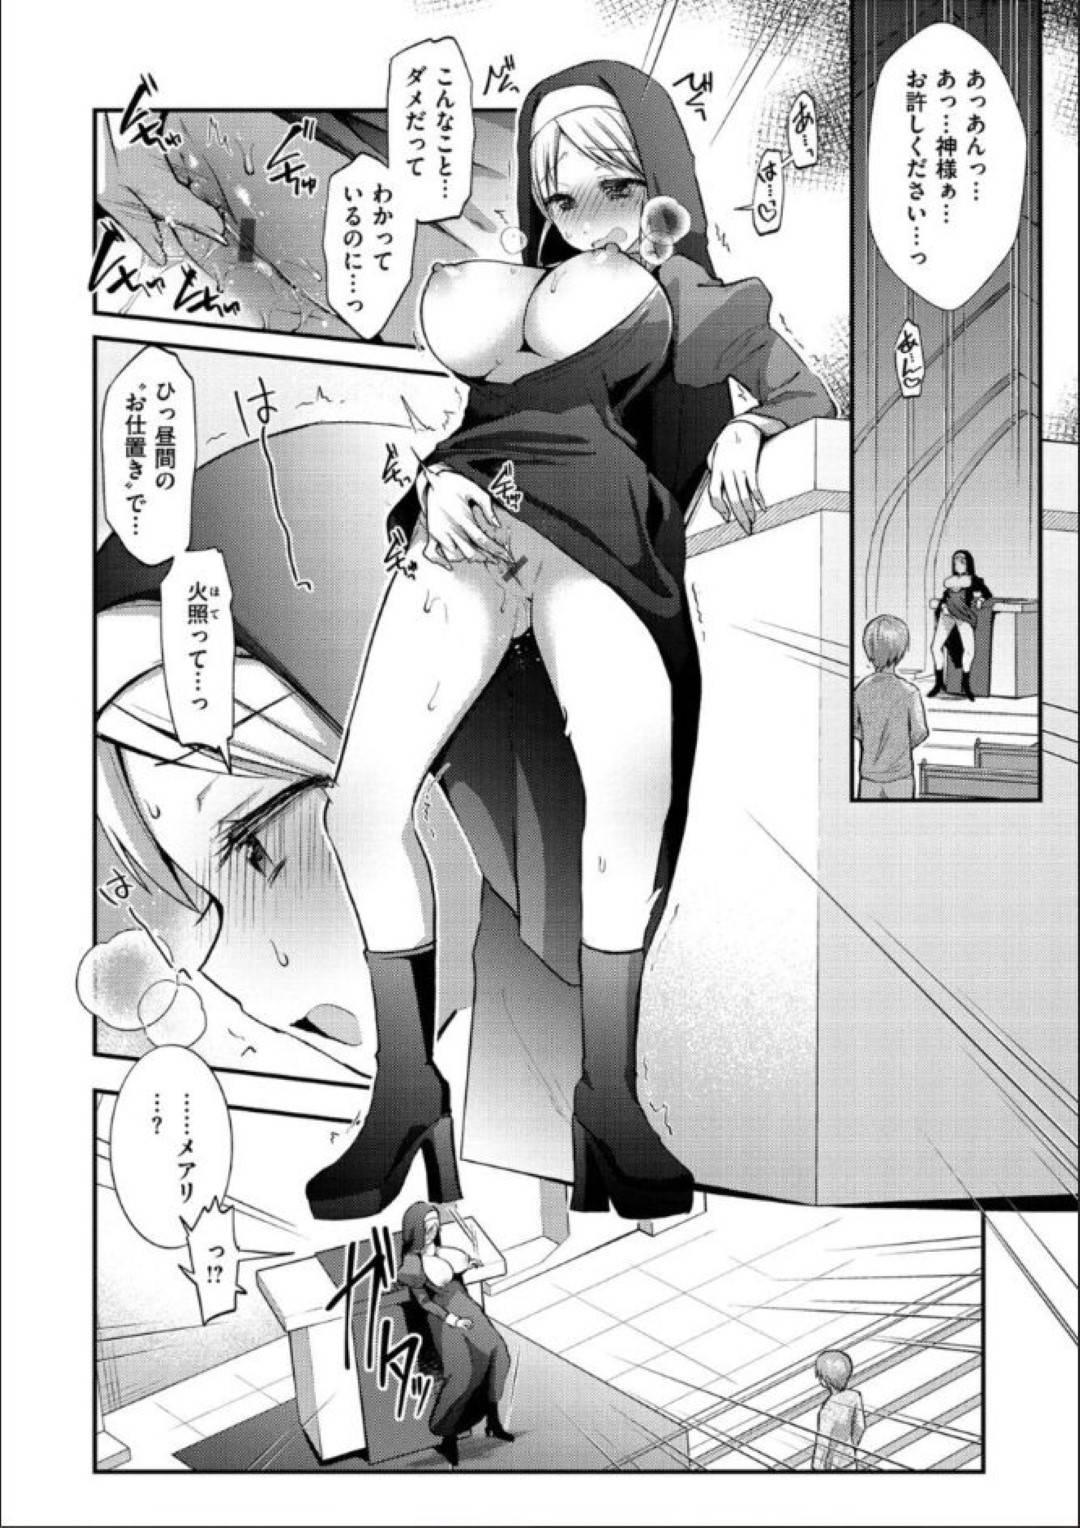 【エロ漫画】オナニーしているところを少年に見られてしまったシスターのお姉さん…その事でエッチな事を迫られてしまった彼女はそのままバックで生ハメセックスする!【森ぐる太:確信犯】